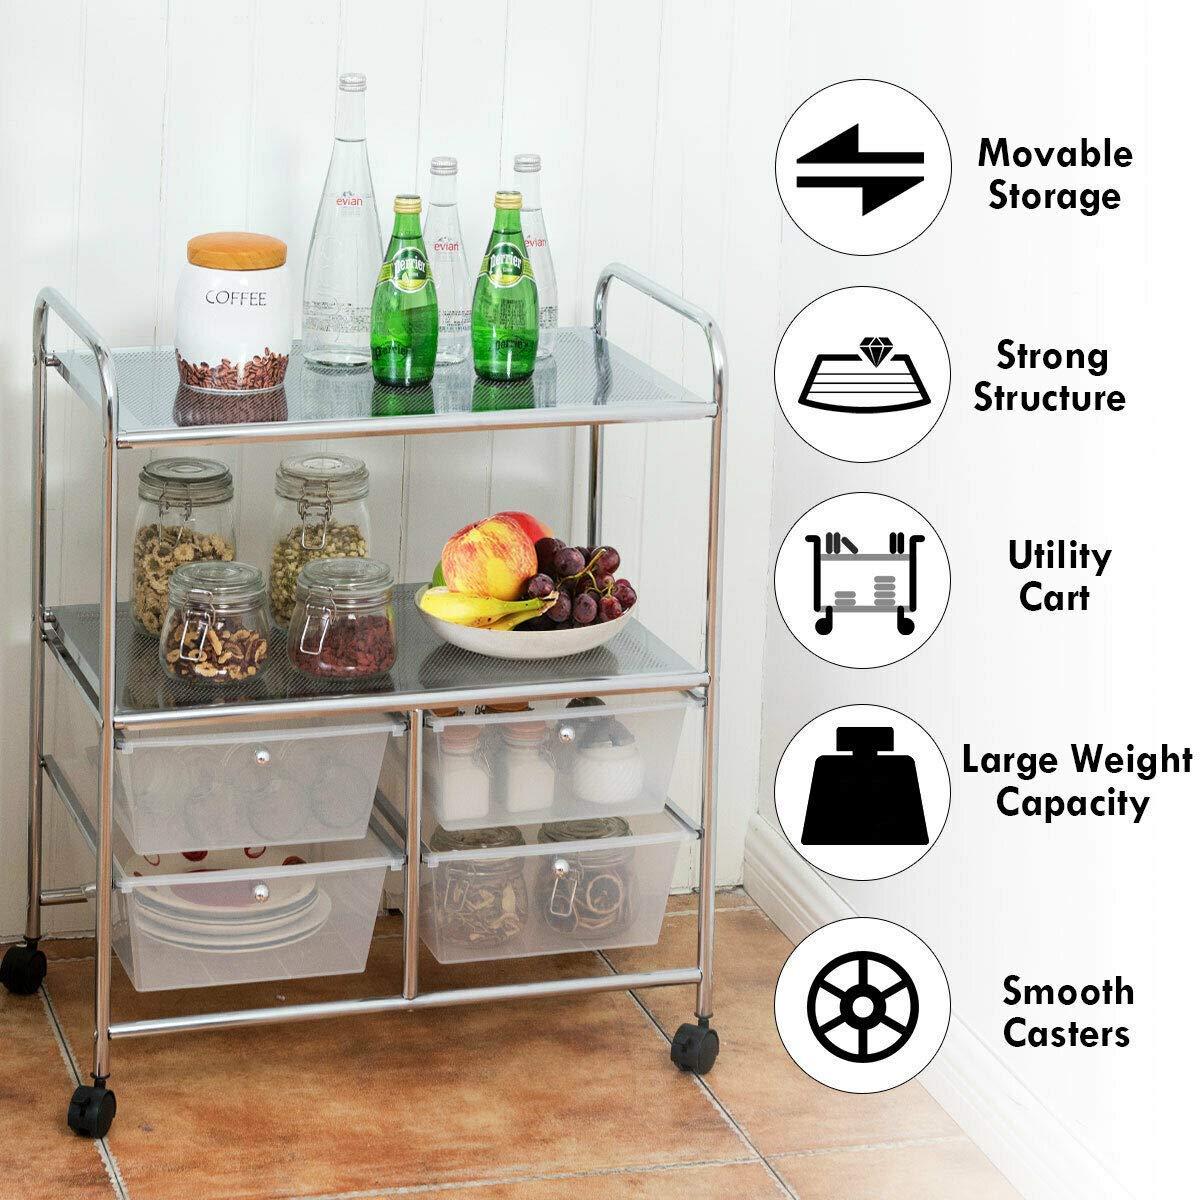 4 Drawers Rolling Storage Cart